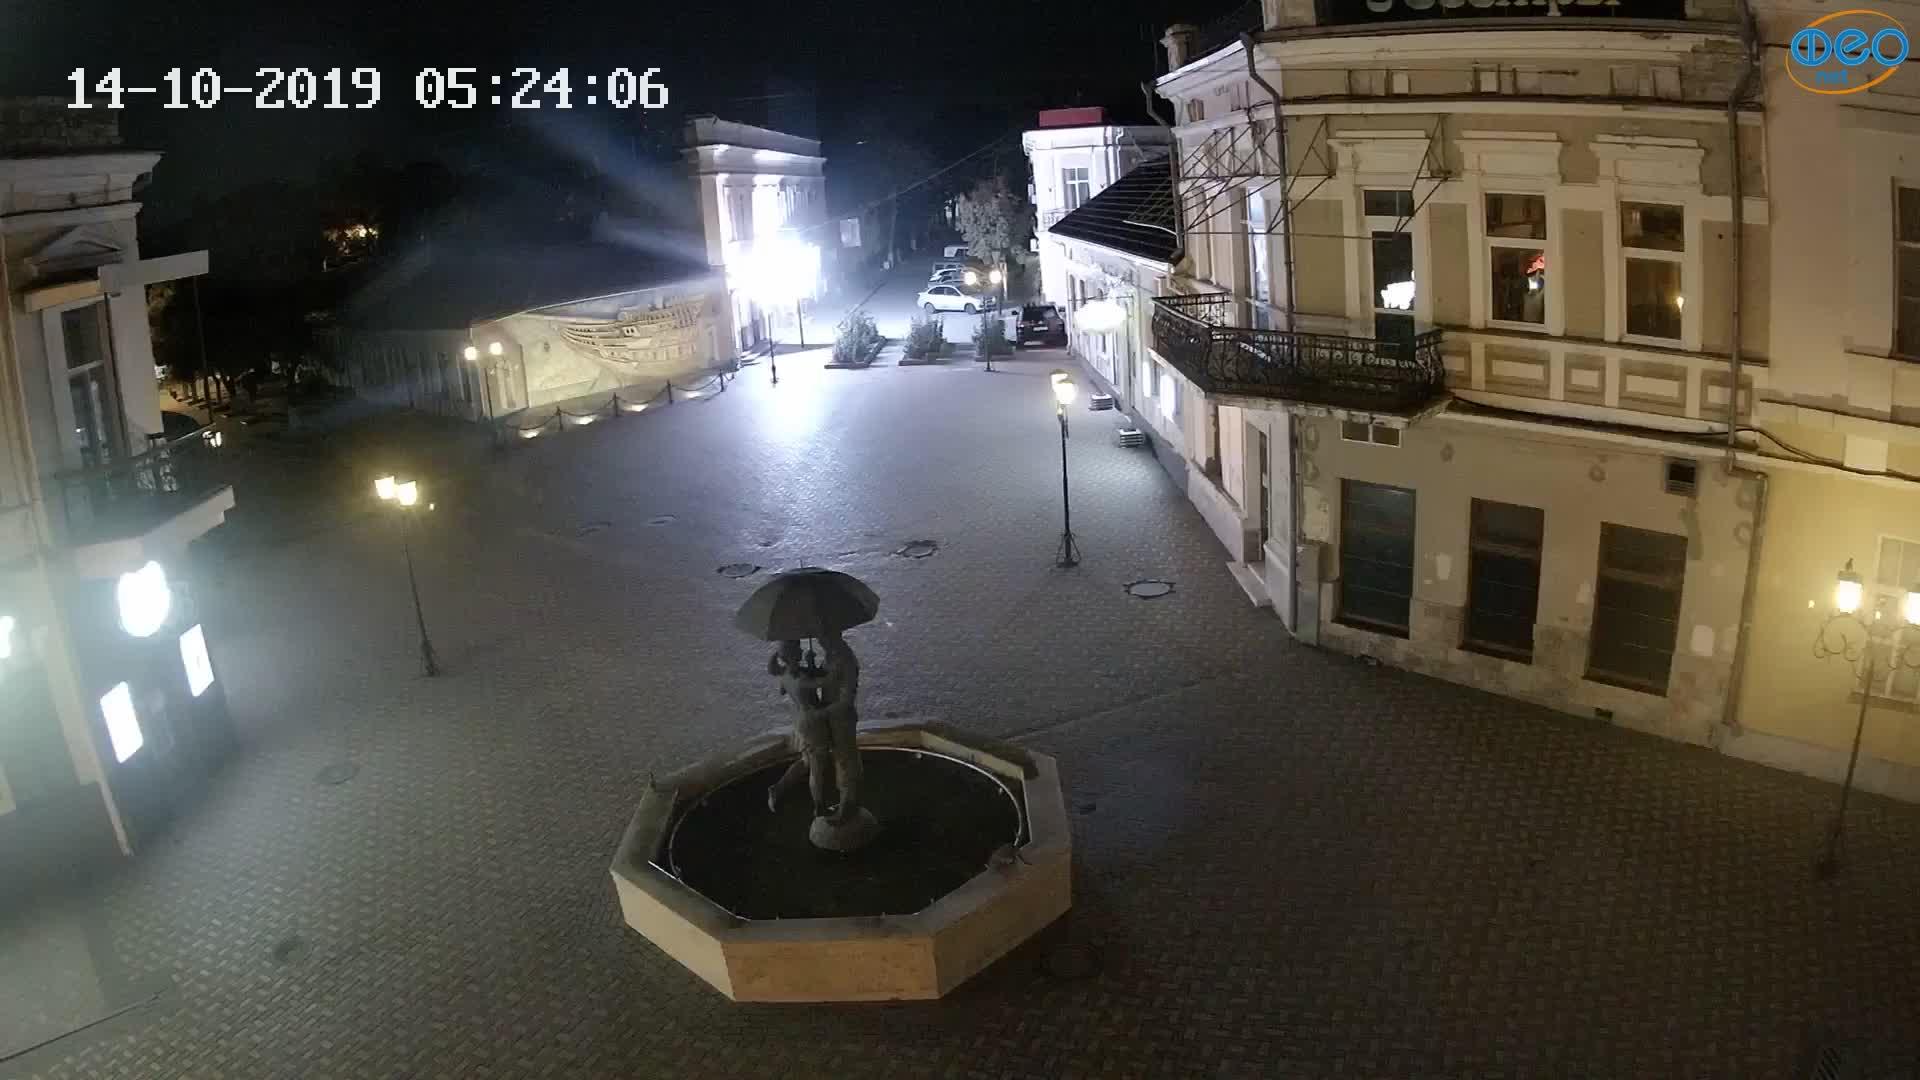 Веб-камеры Феодосии, Панно Бригантина (Камера со звуком.), 2019-10-14 05:23:06